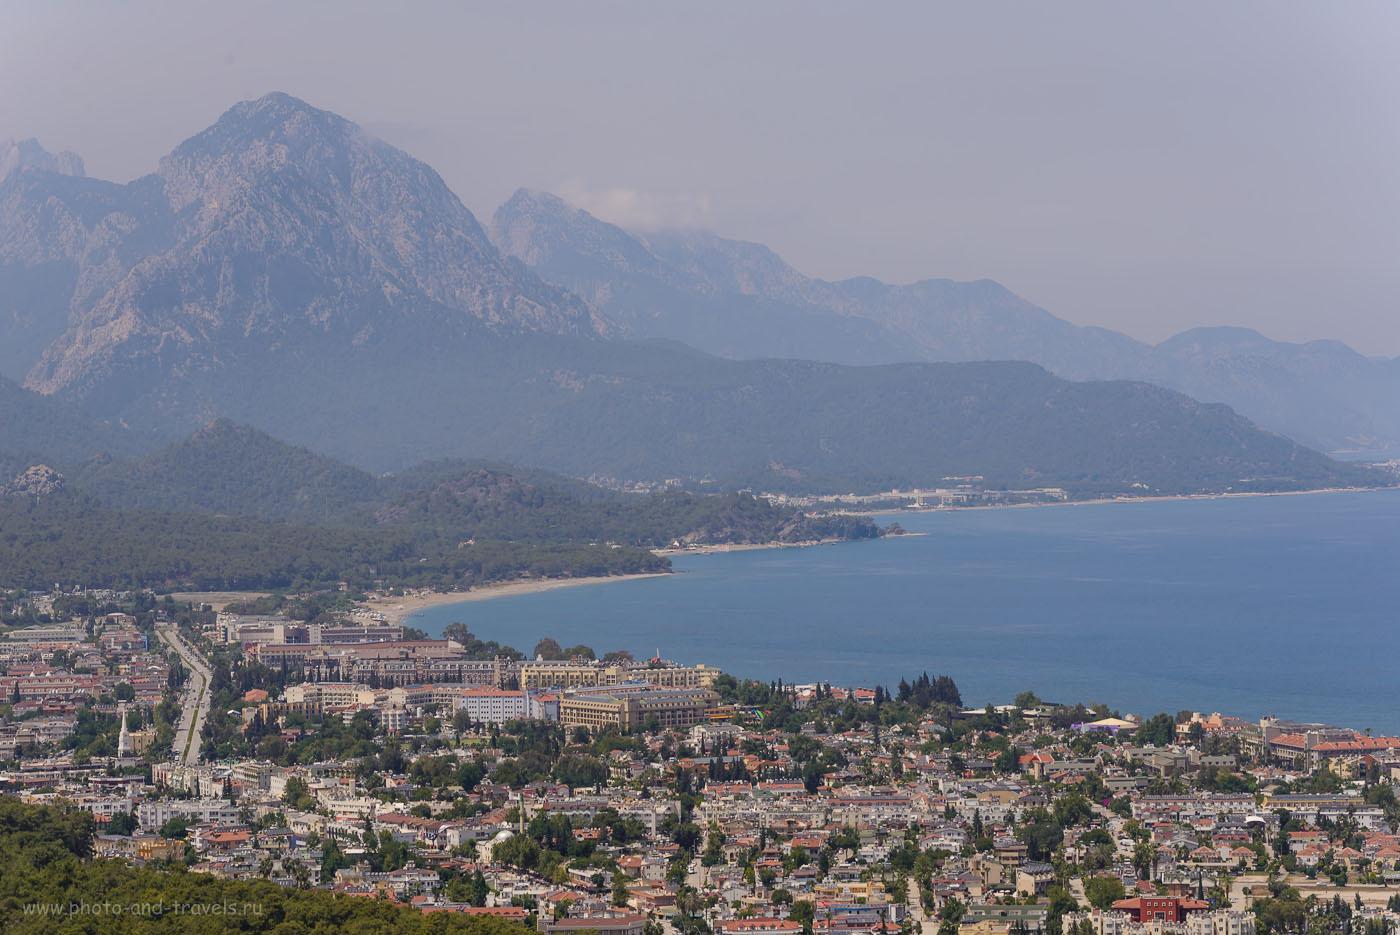 Фотография 28. Вид со смотровой площадки на Кемер и прилегающие горы. Где отдыхать в Турции? 1/250, 8.0, 100, 110.